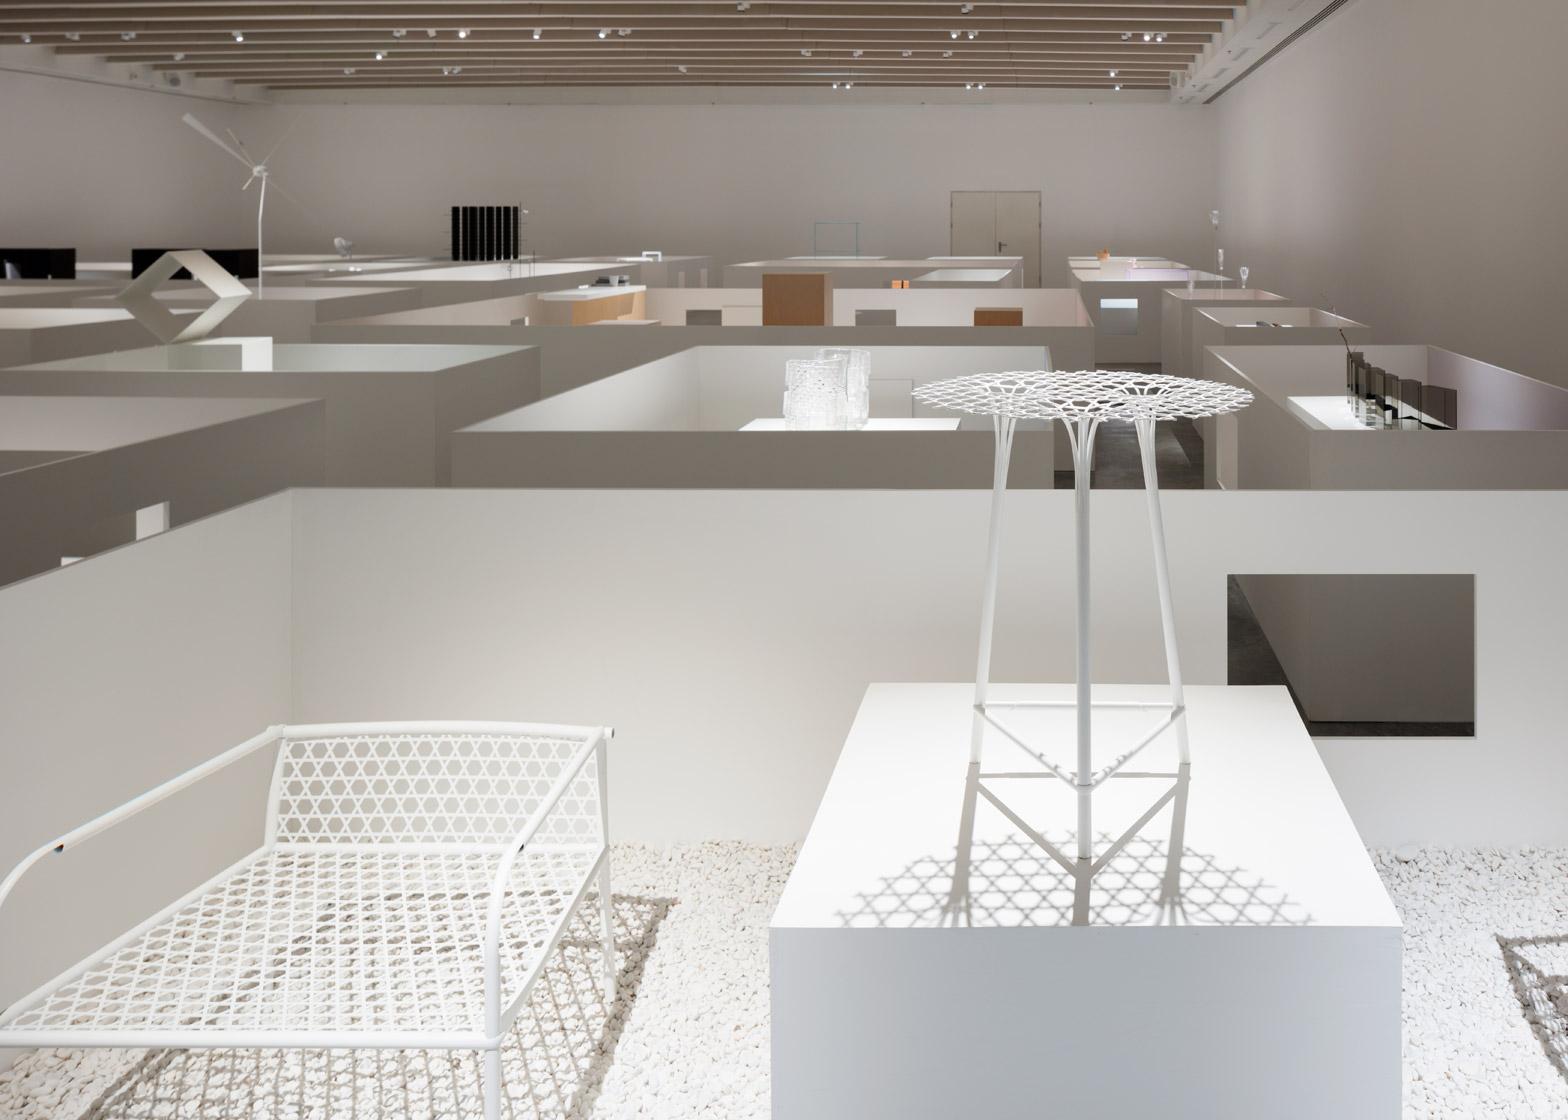 Уникальная выставка мебели в белом цвете - Фото 5